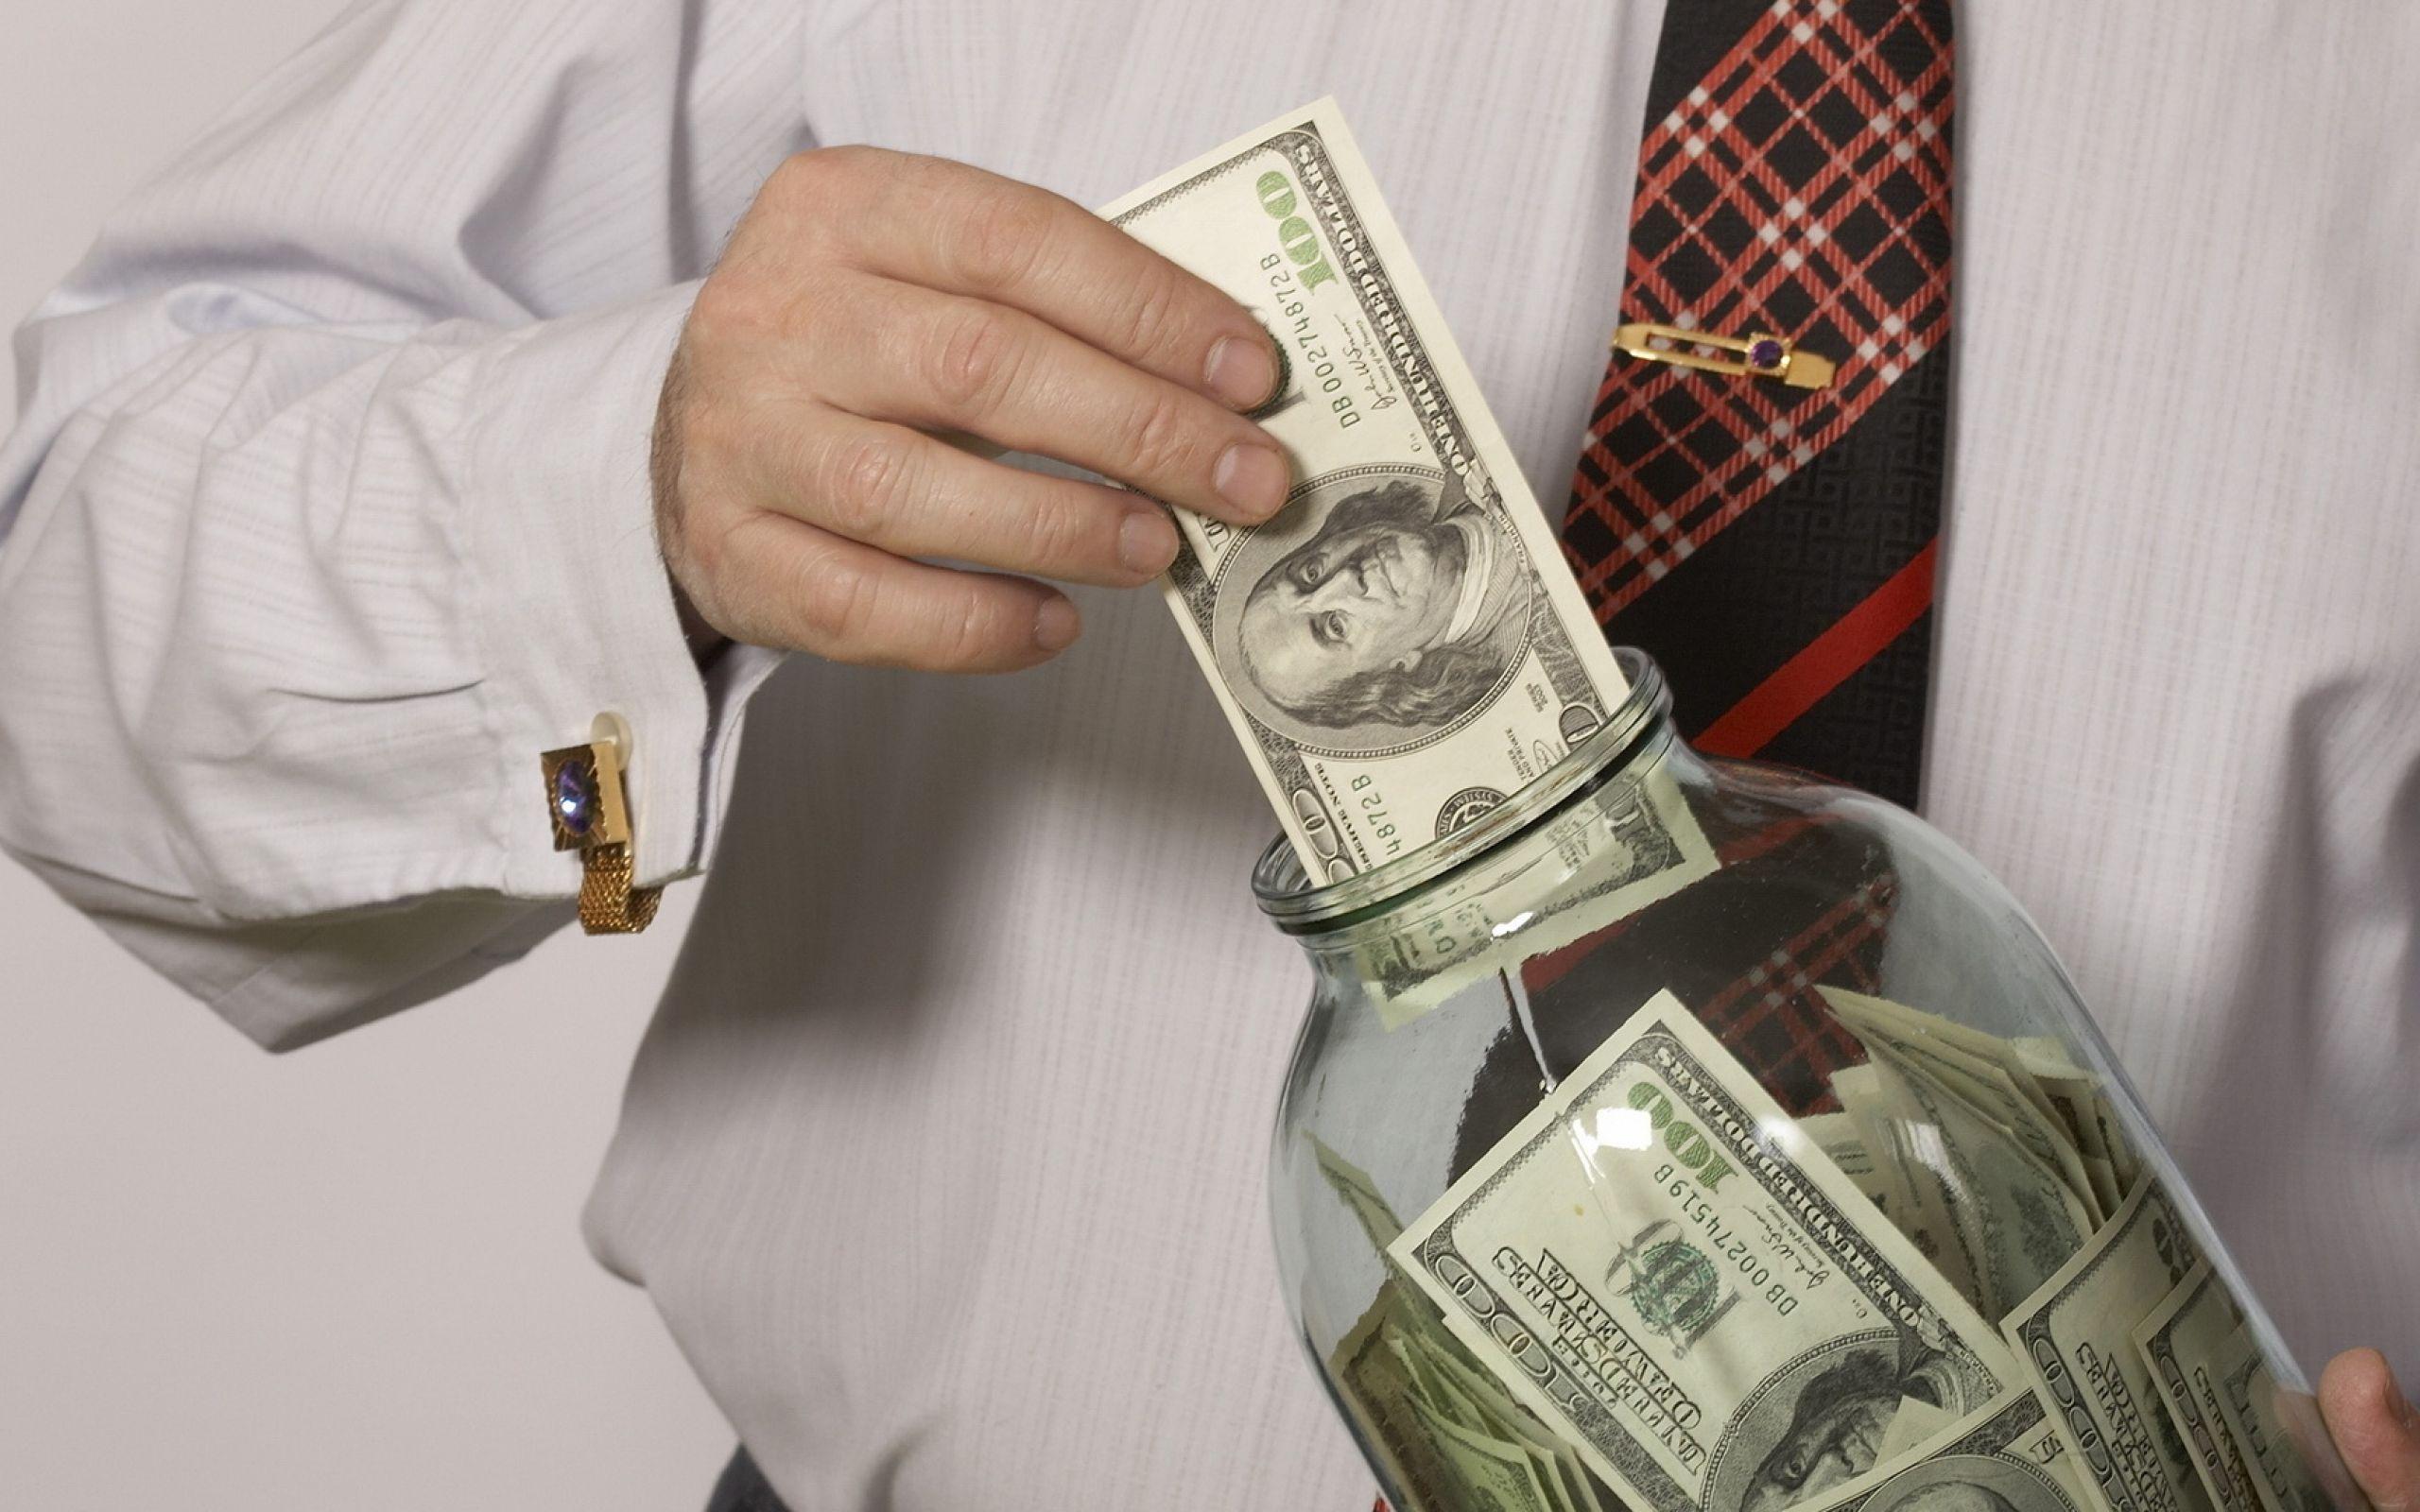 недорого при русский стандарт пропали деньги с депозита вам когда-либо задаваться